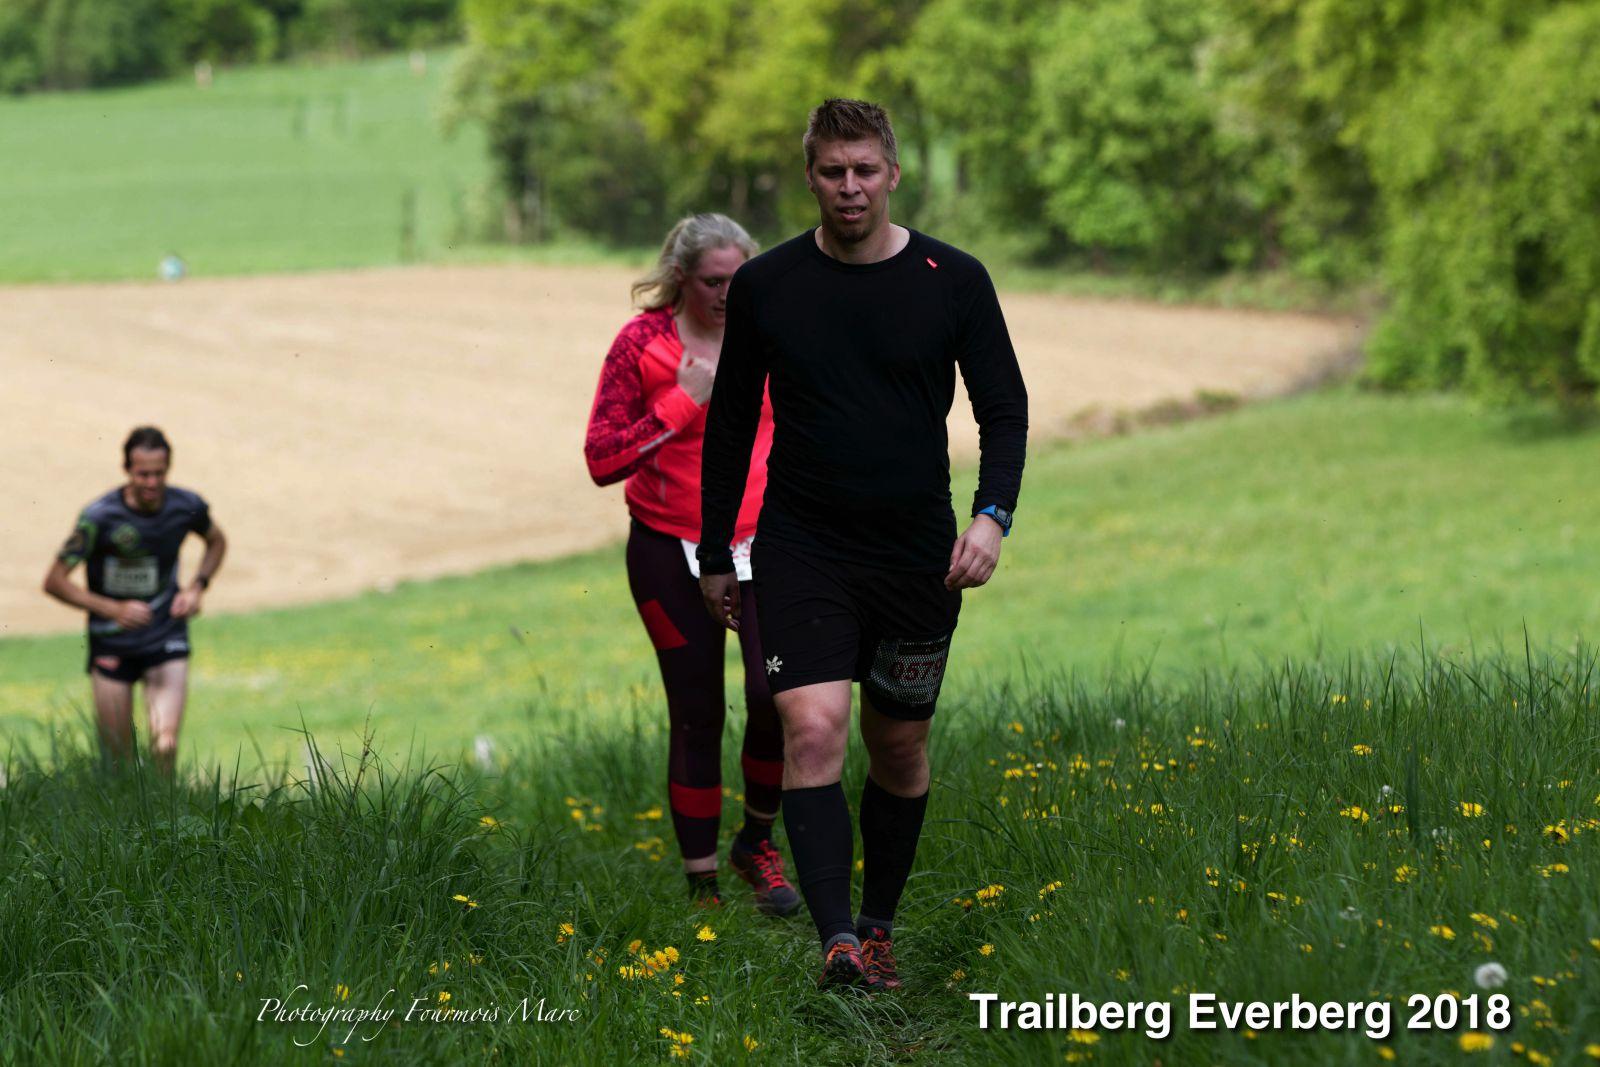 Meer dan 500 trailrunners verwacht in Everberg